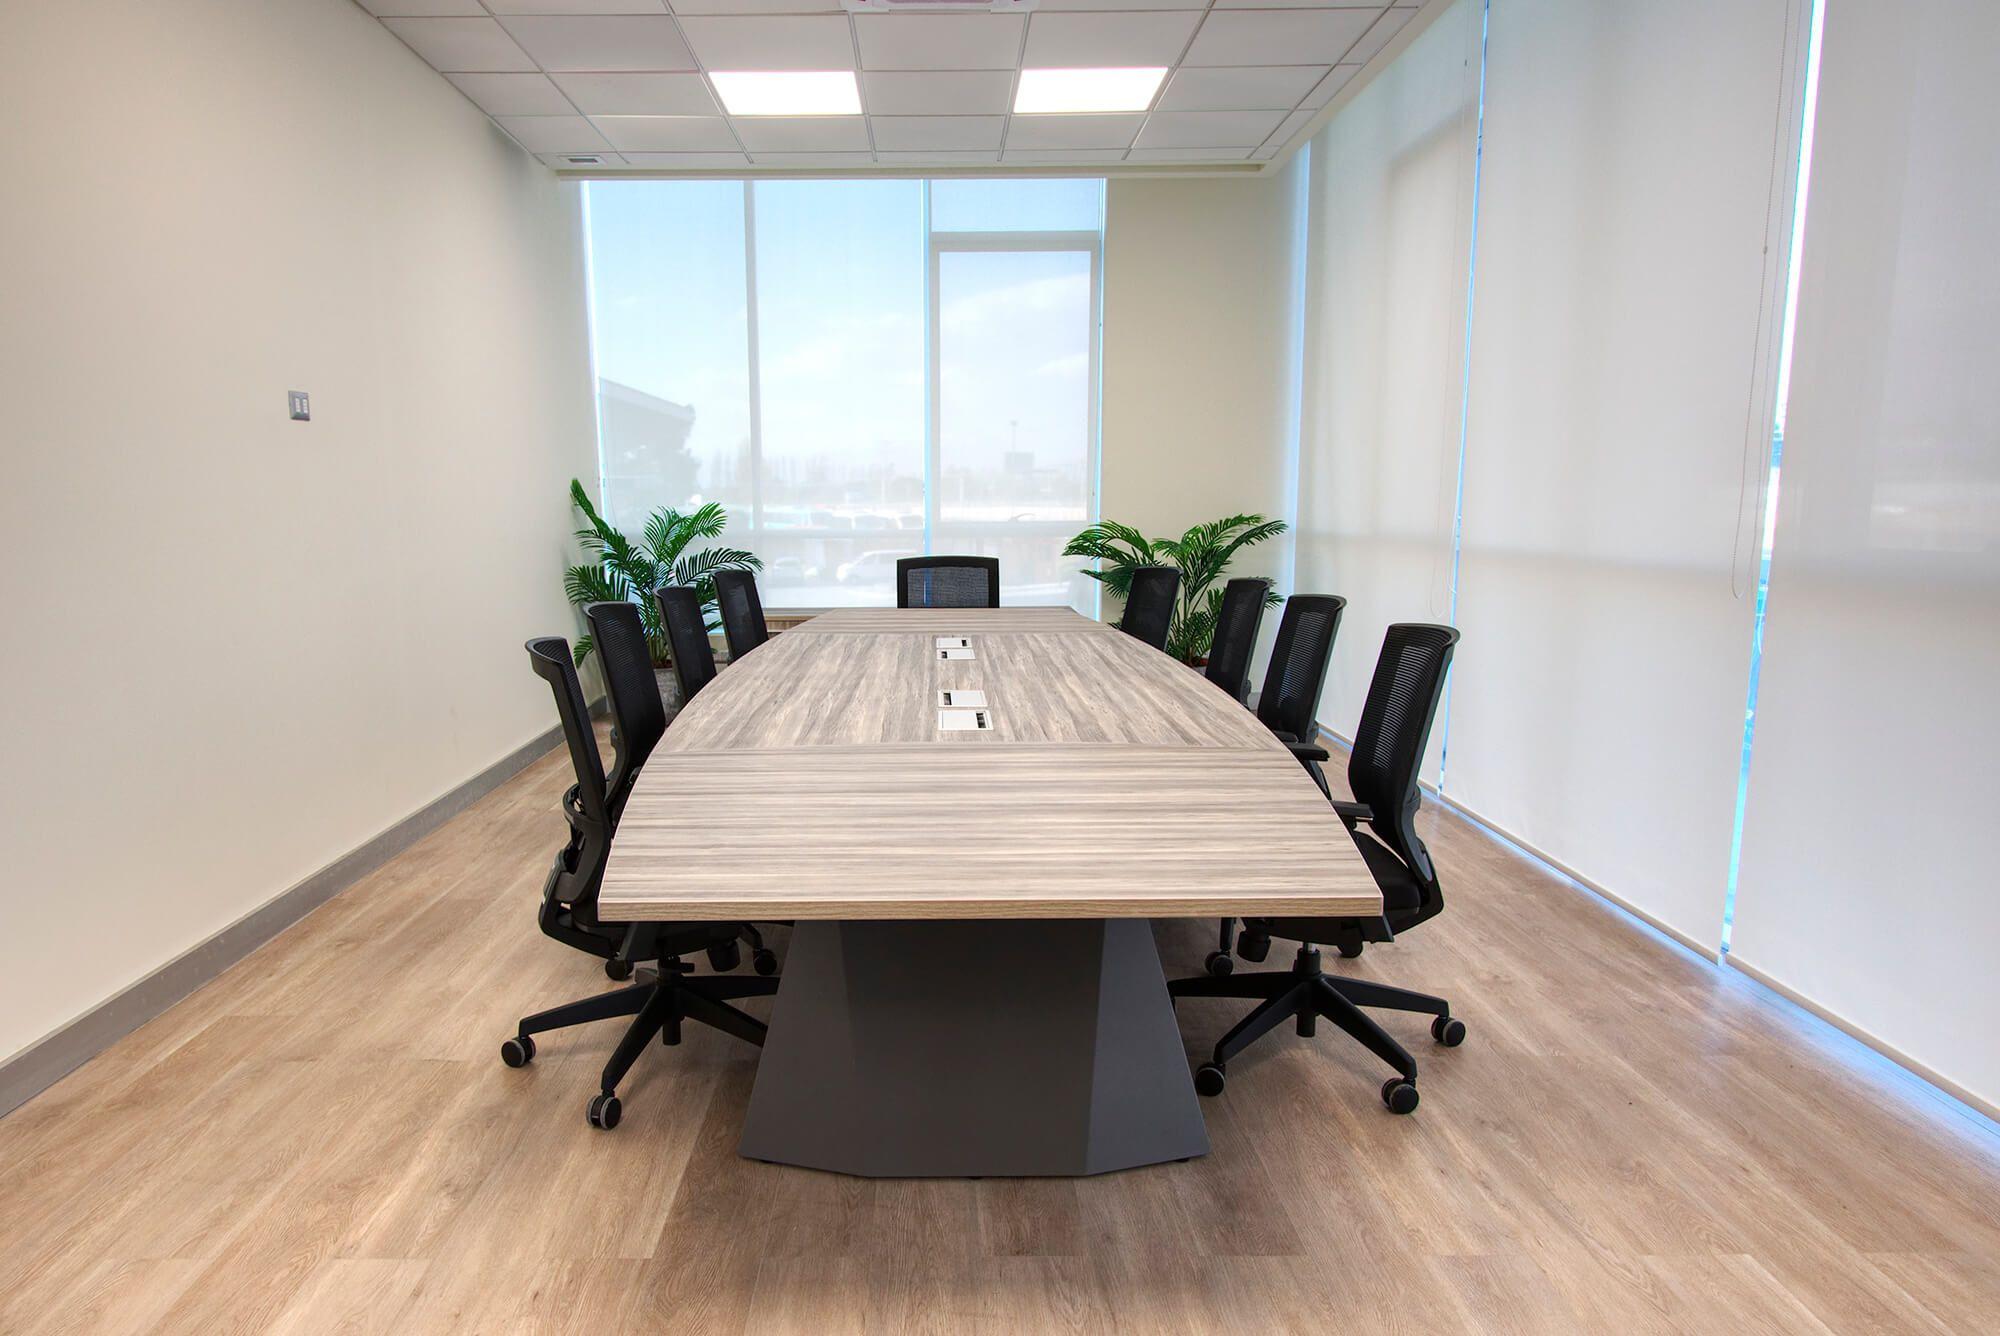 mesa de reunion legacy silla axis negra sin cabecero